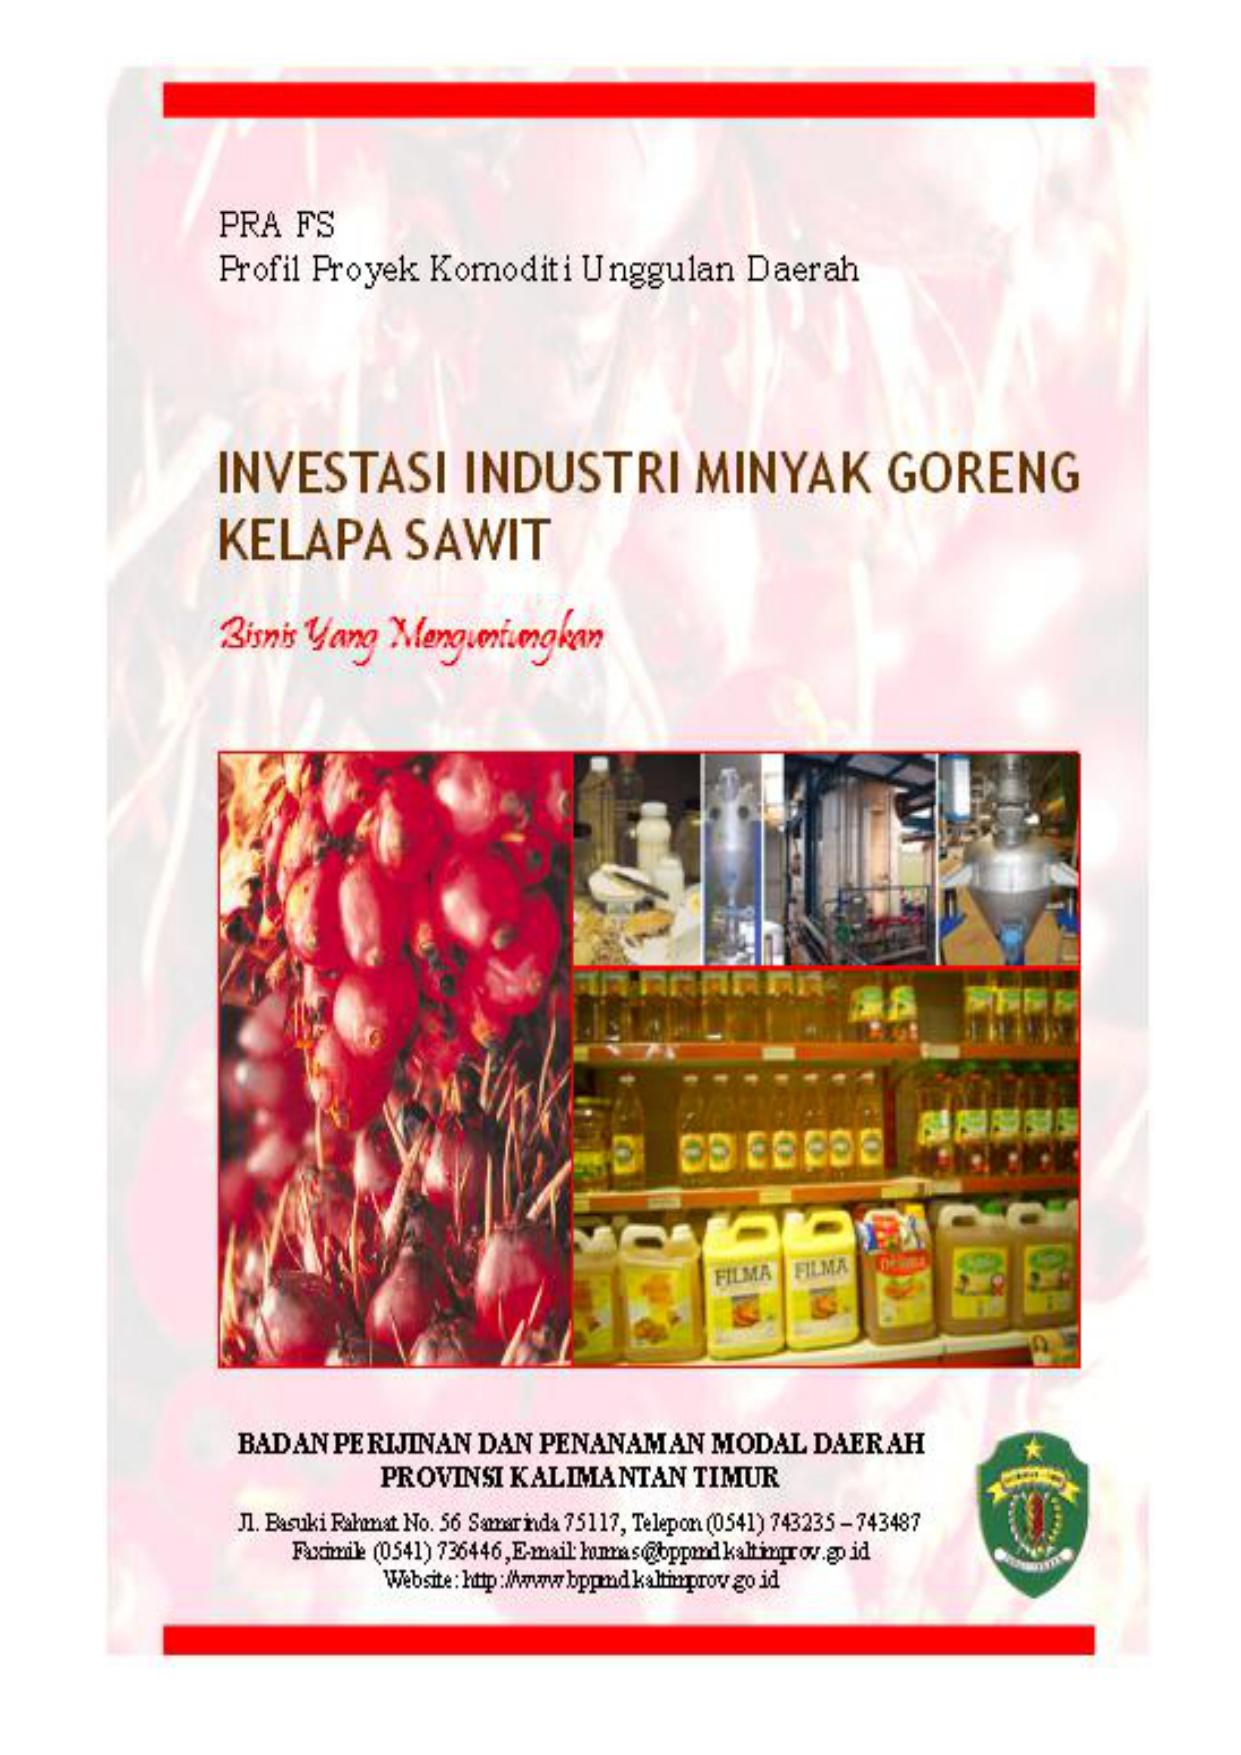 Investasi industri minyak goreng kelapa sawit ccuart Image collections